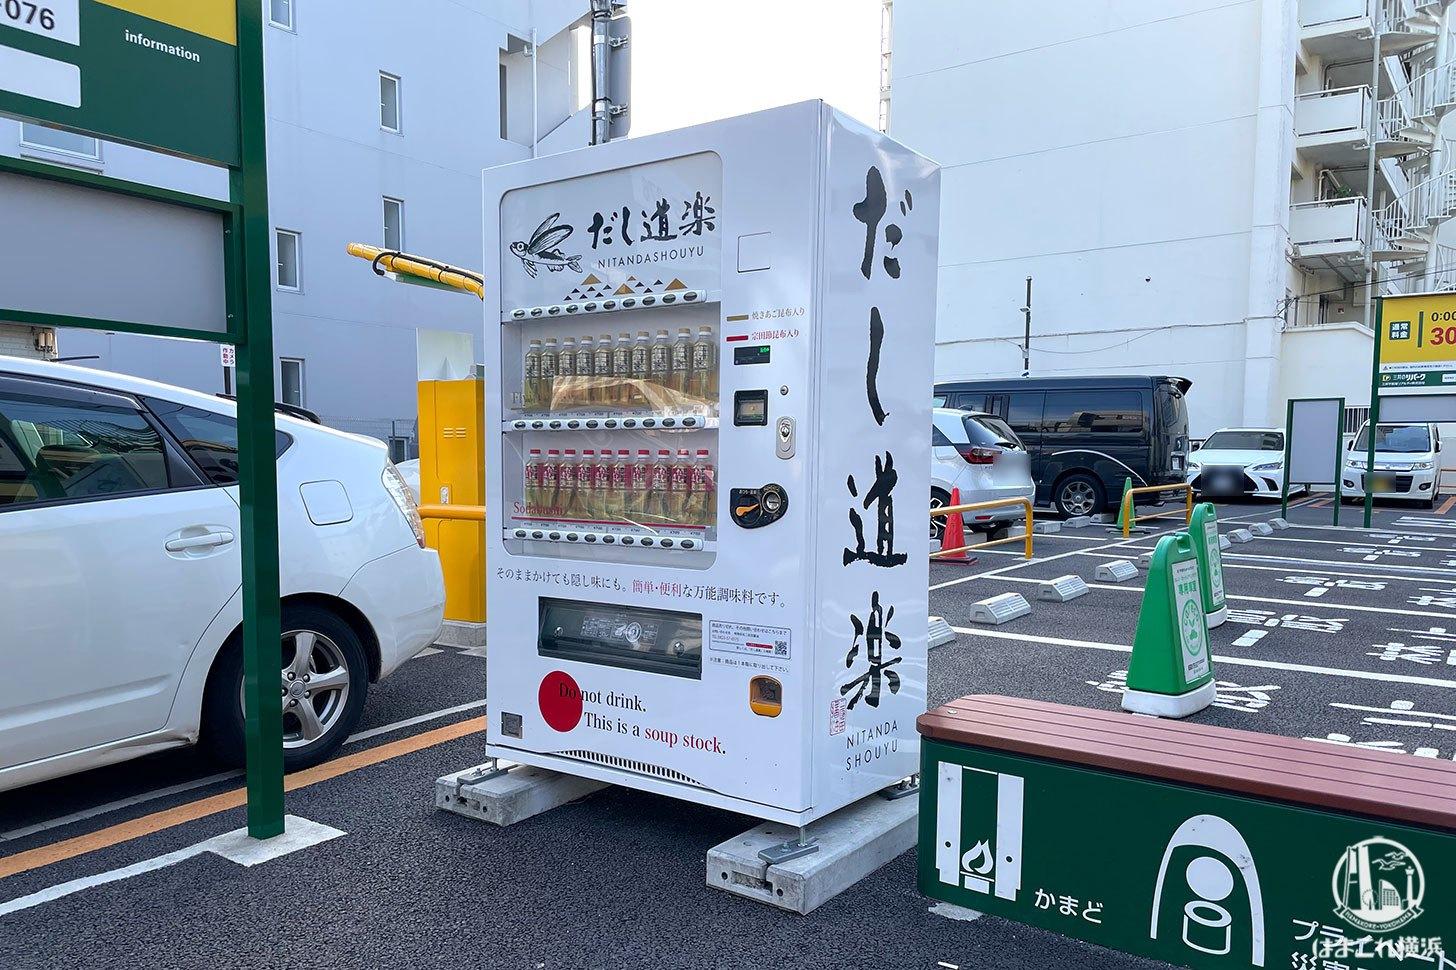 三井のリパーク「たまプラーザ駅前第3」